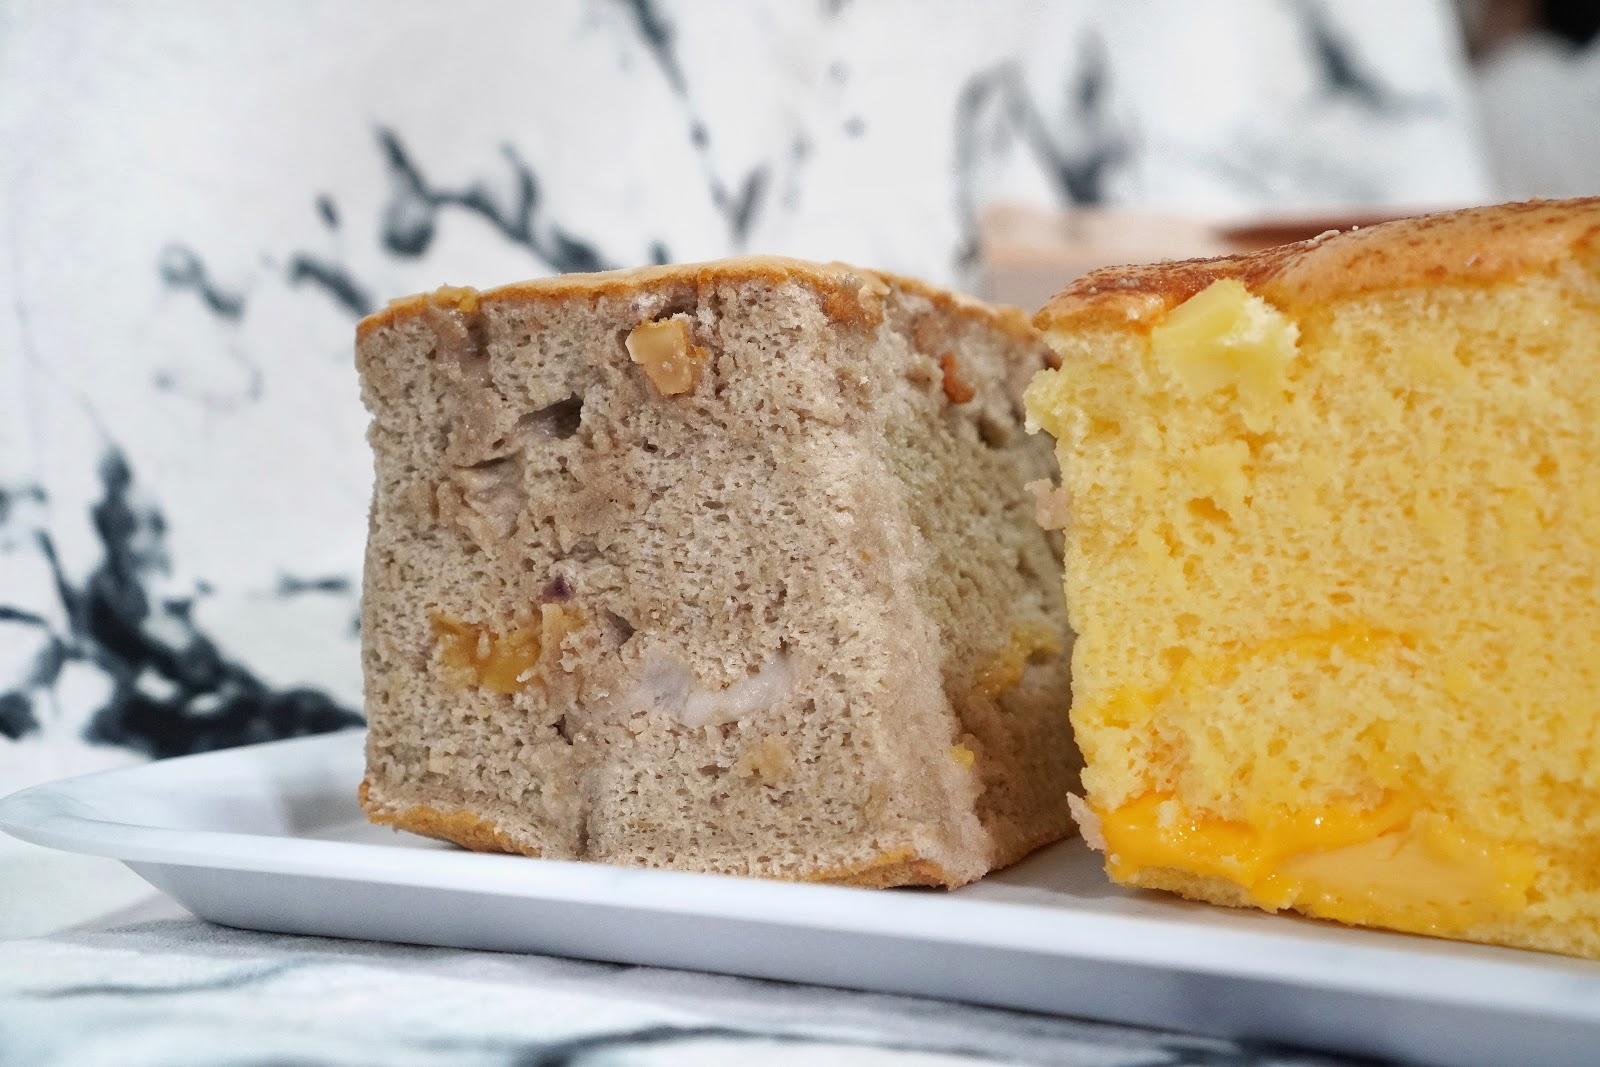 台南中西區美食【橘香合-蛋糕職人】古早味蛋糕芋仔韓吉